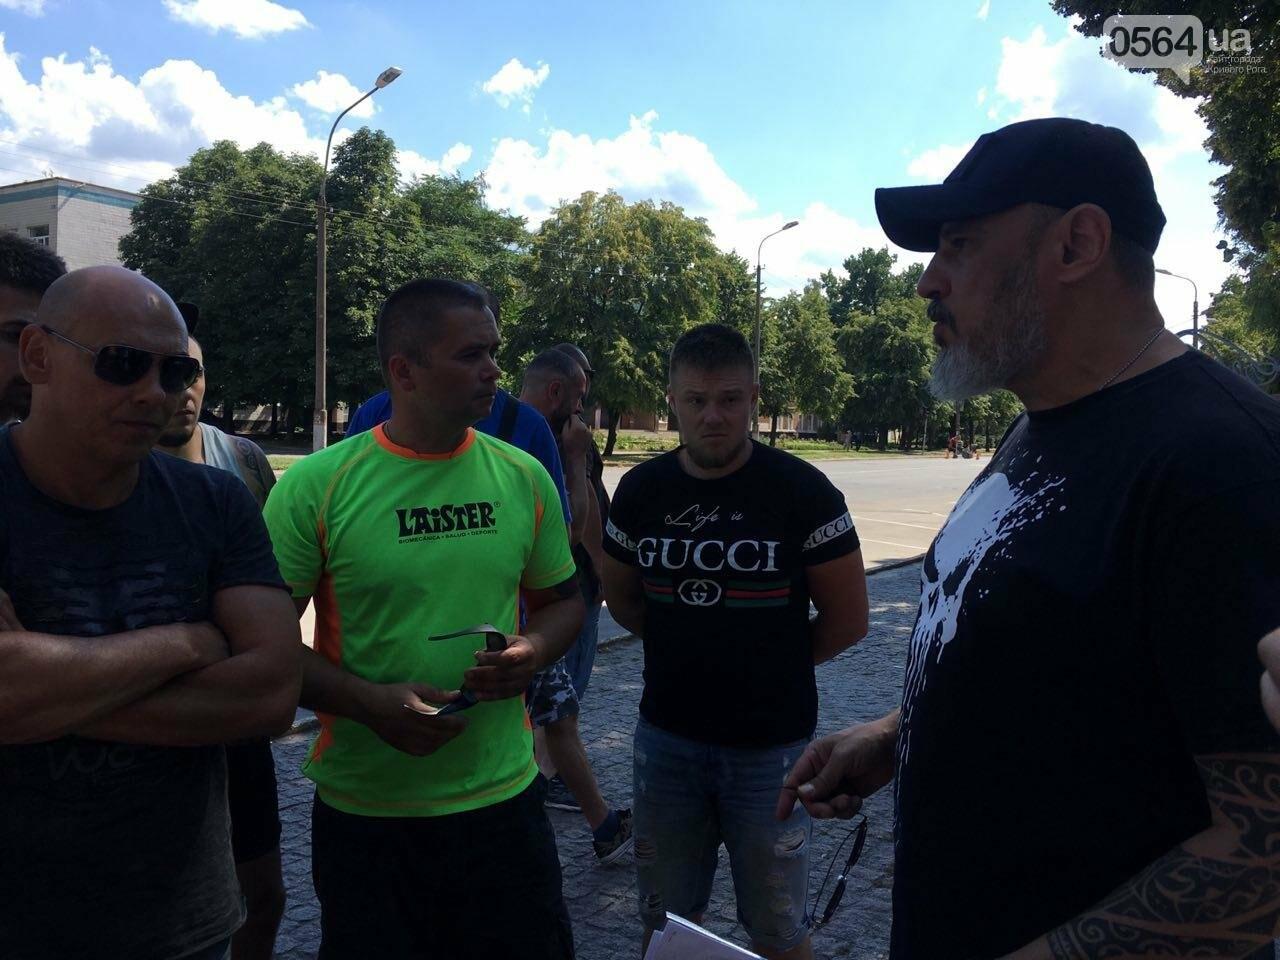 Криворожане передали в СБУ заявление с требованием проверить организации, которые возглавлял Островский, - ФОТО, фото-14